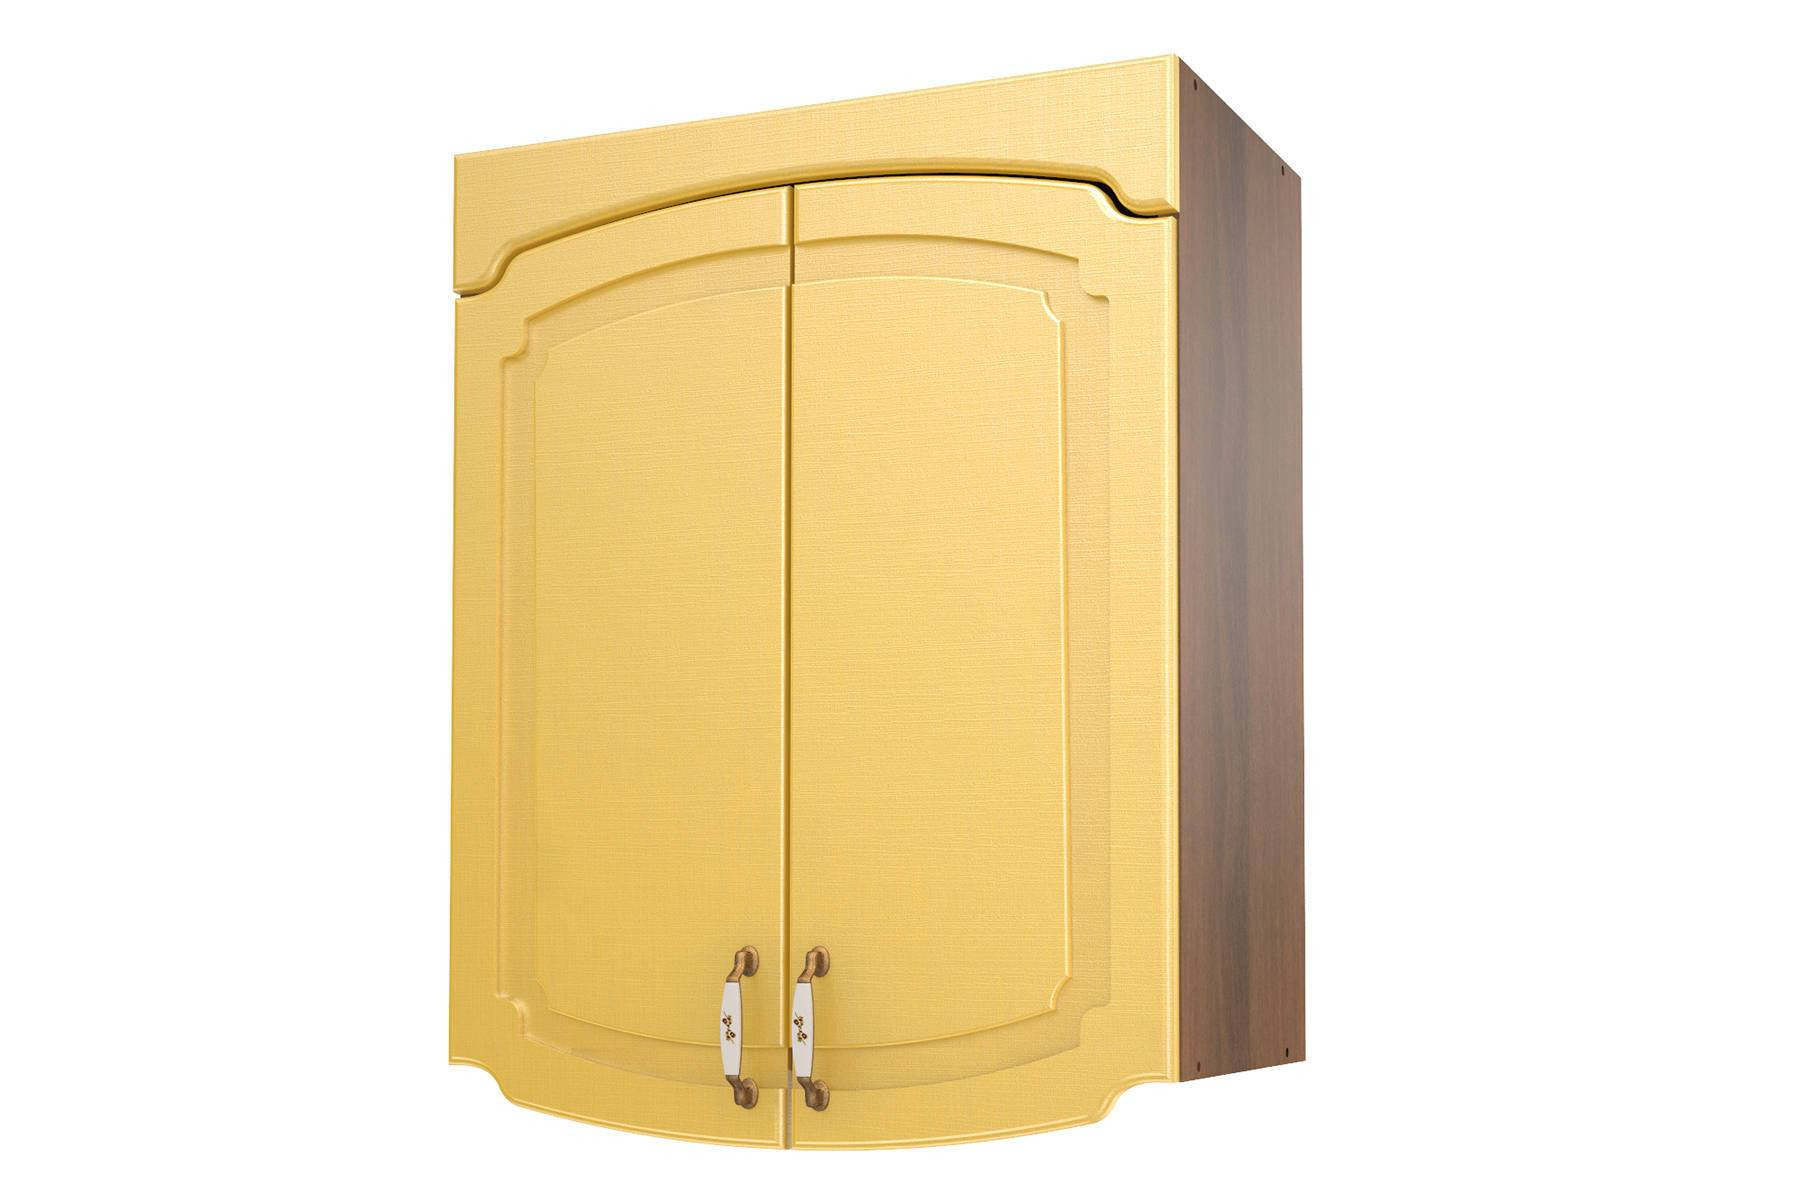 Кухонный шкаф навесной купить недорого спб - bengalwood.ru.